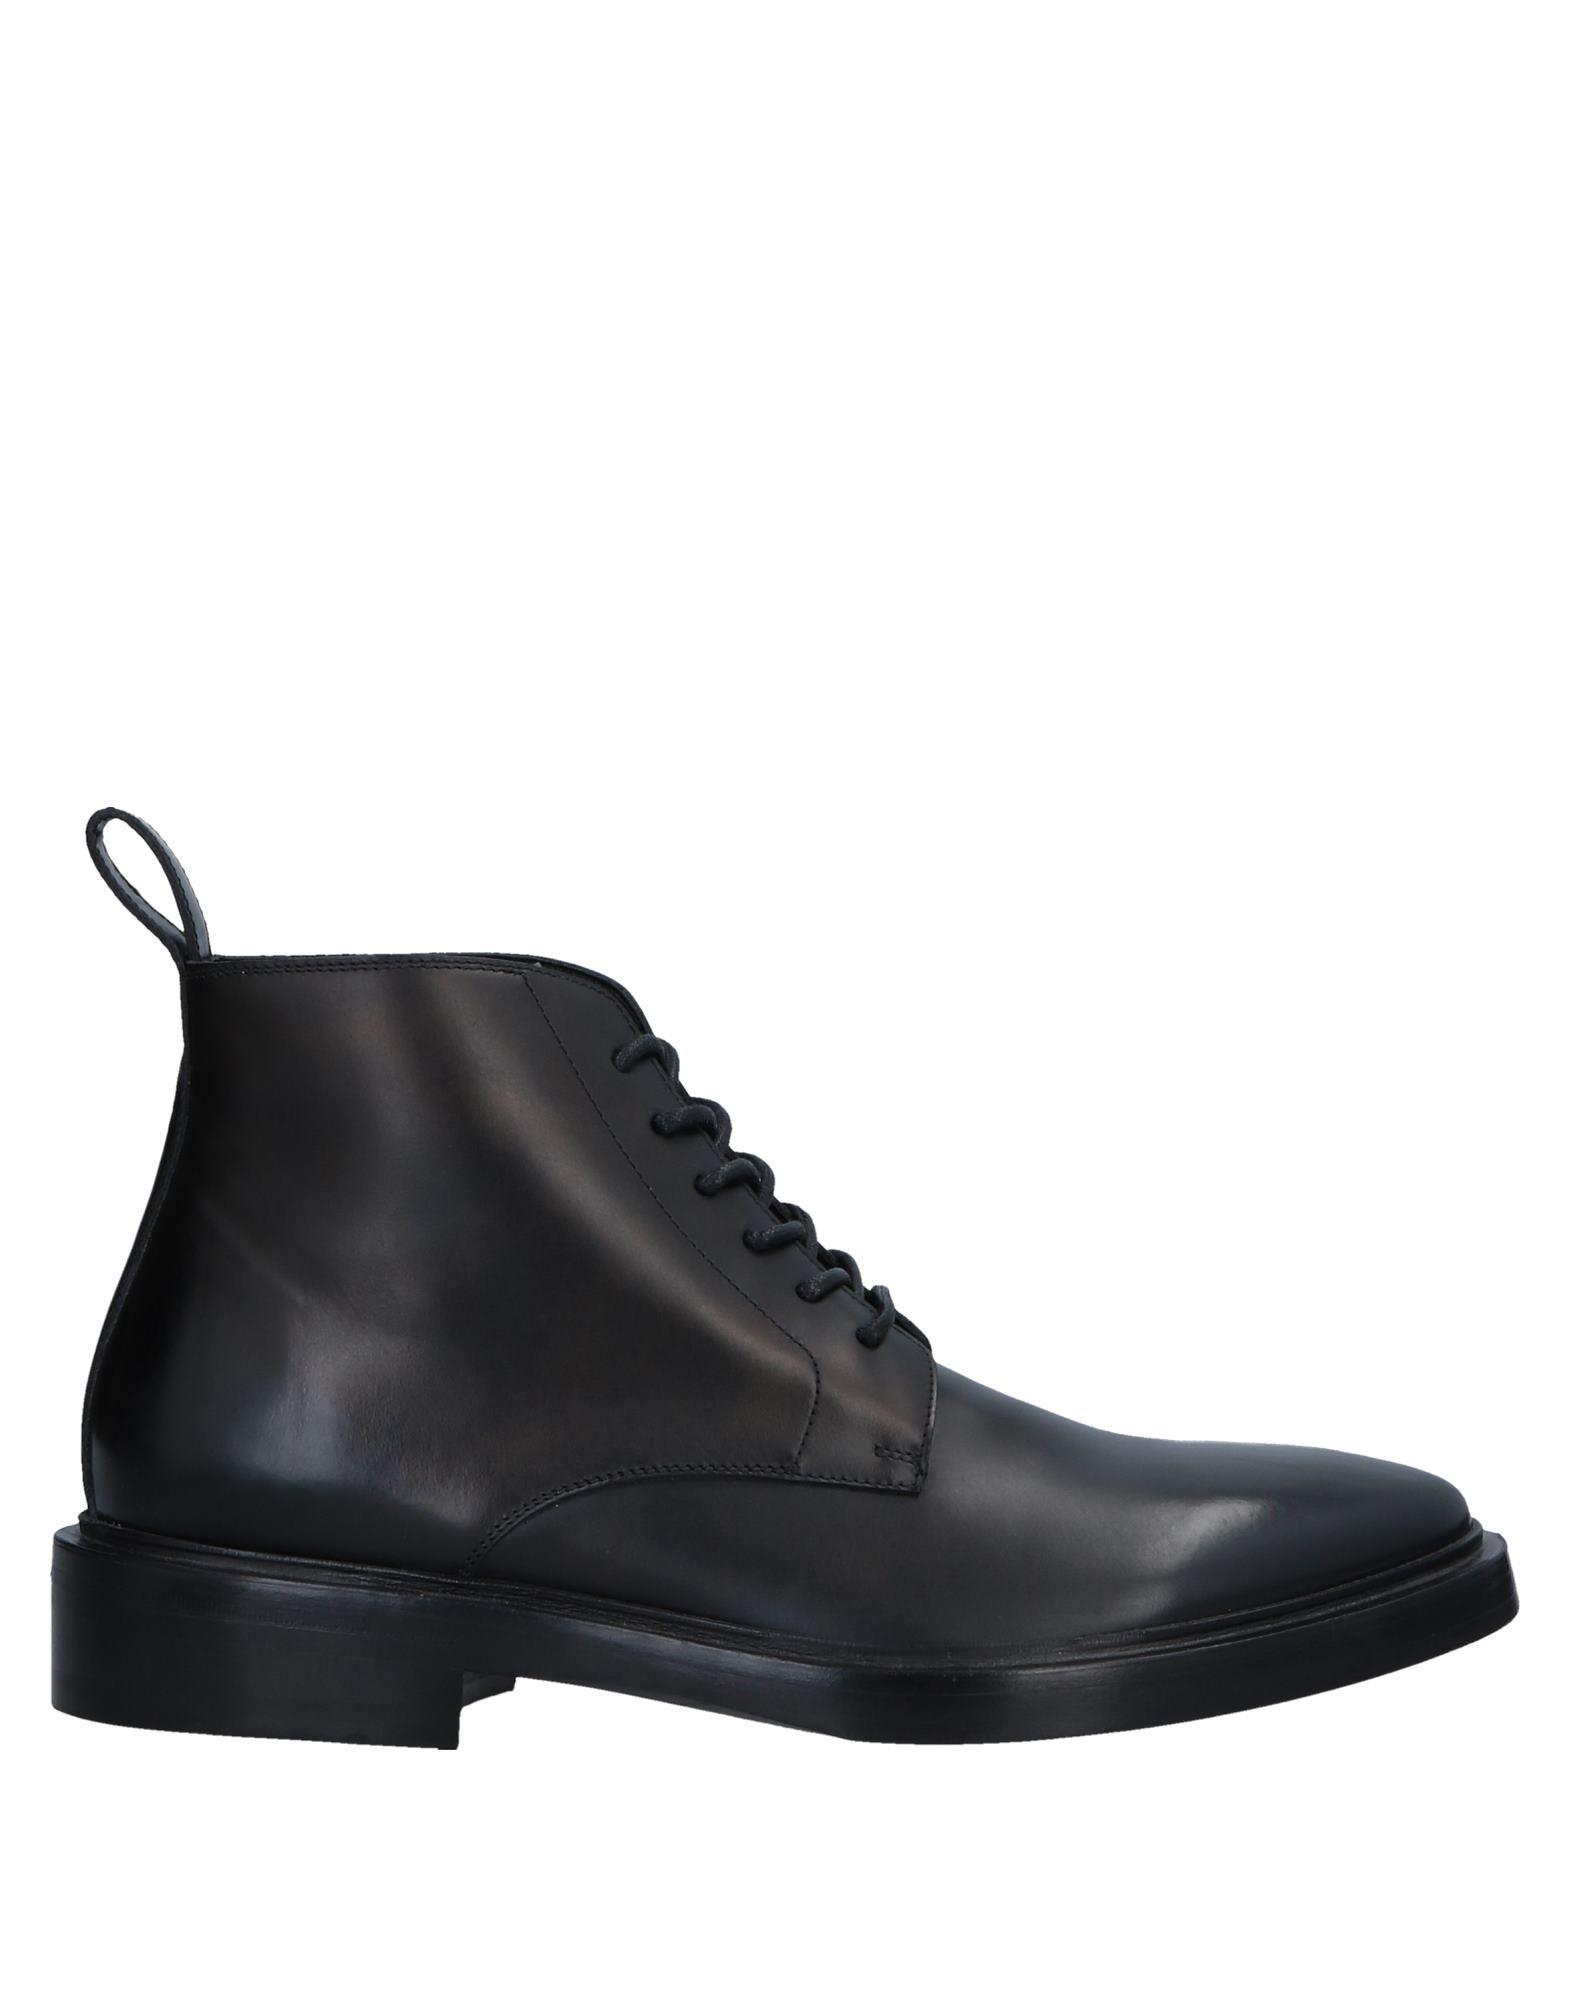 Balenciaga Stiefelette Herren  11526161VV Gute Qualität beliebte Schuhe